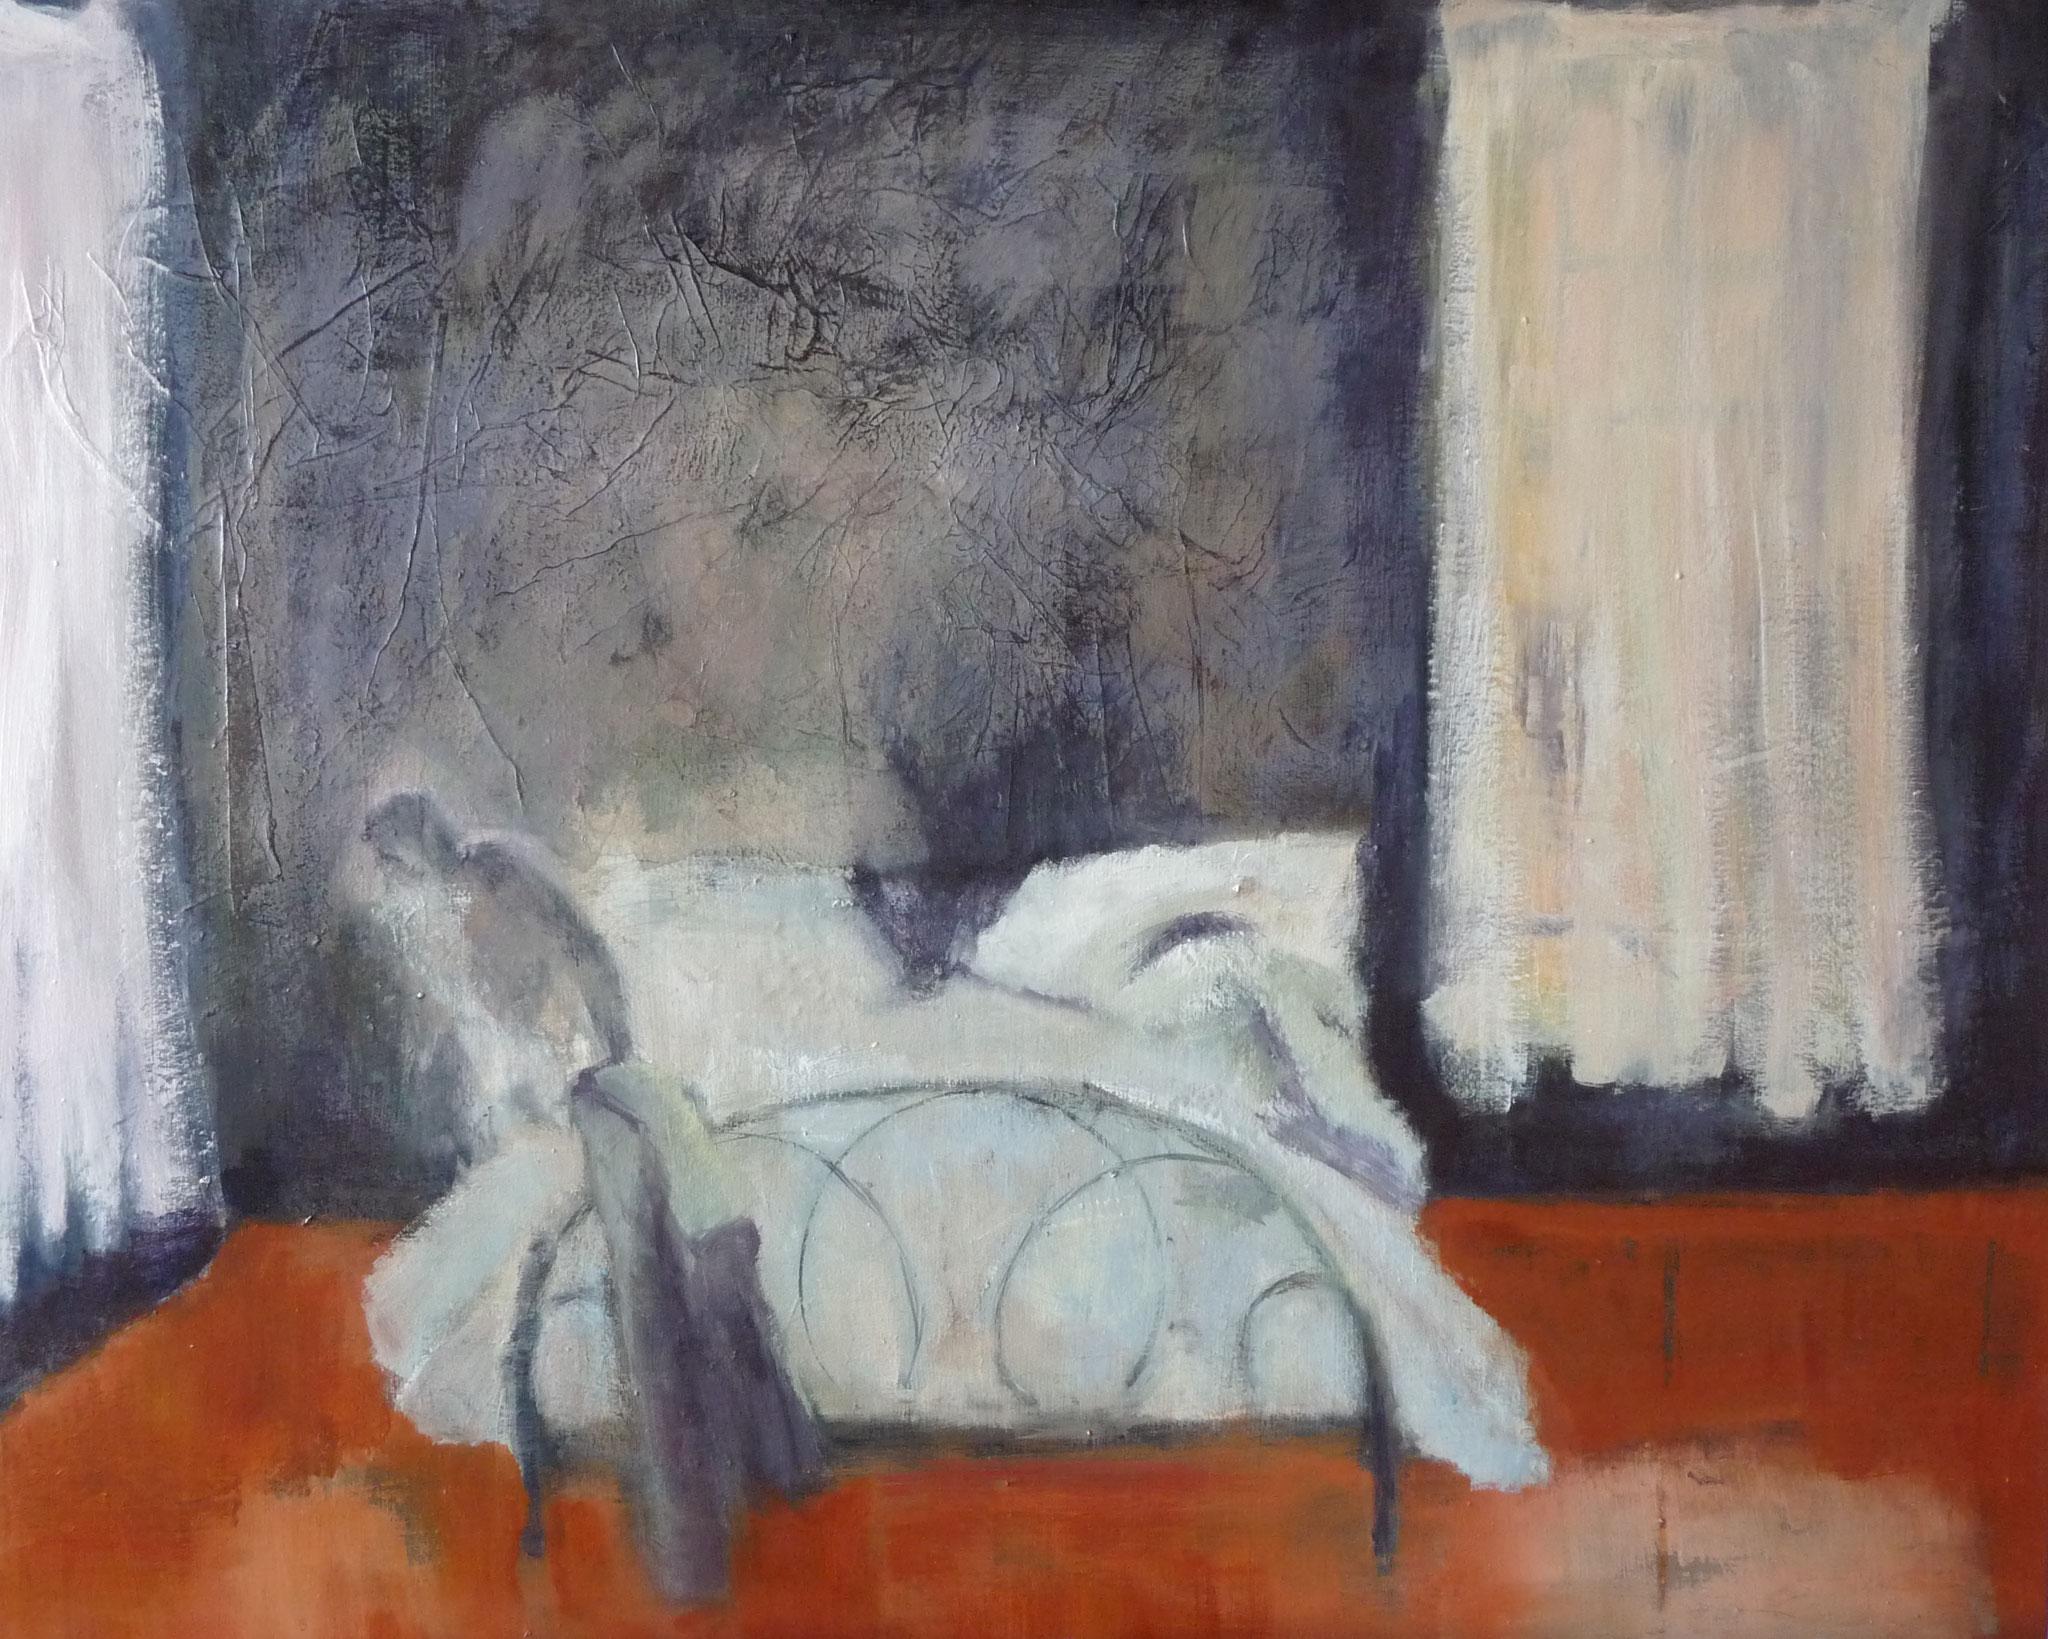 A l'aube - Hommage à Tarkovsky    ---   2012 - Acrylique sur toile - 45 x 65 cm